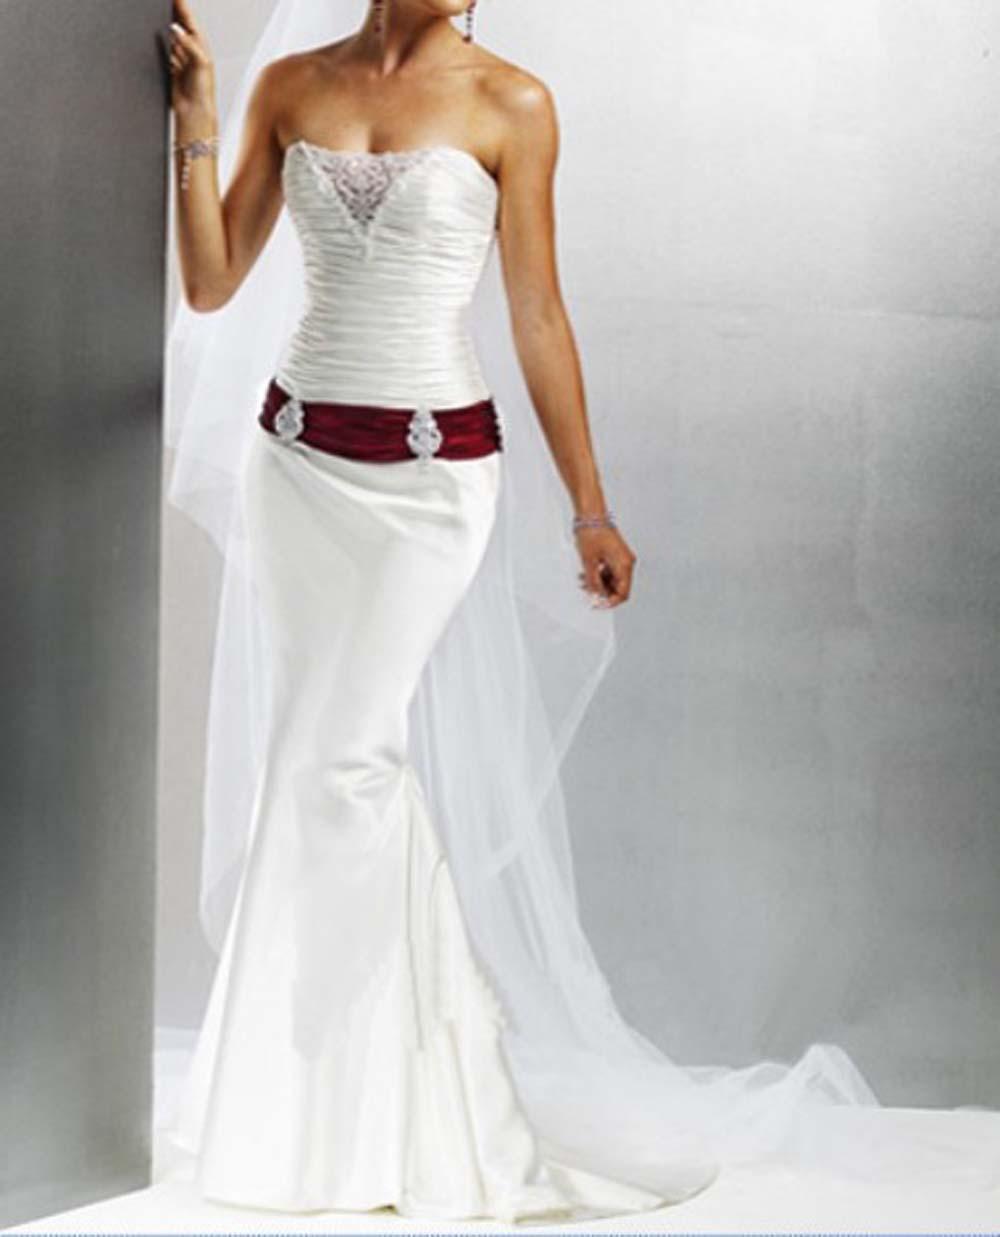 western wear wedding dresses western wedding ideas Western Wear Wedding Dresses